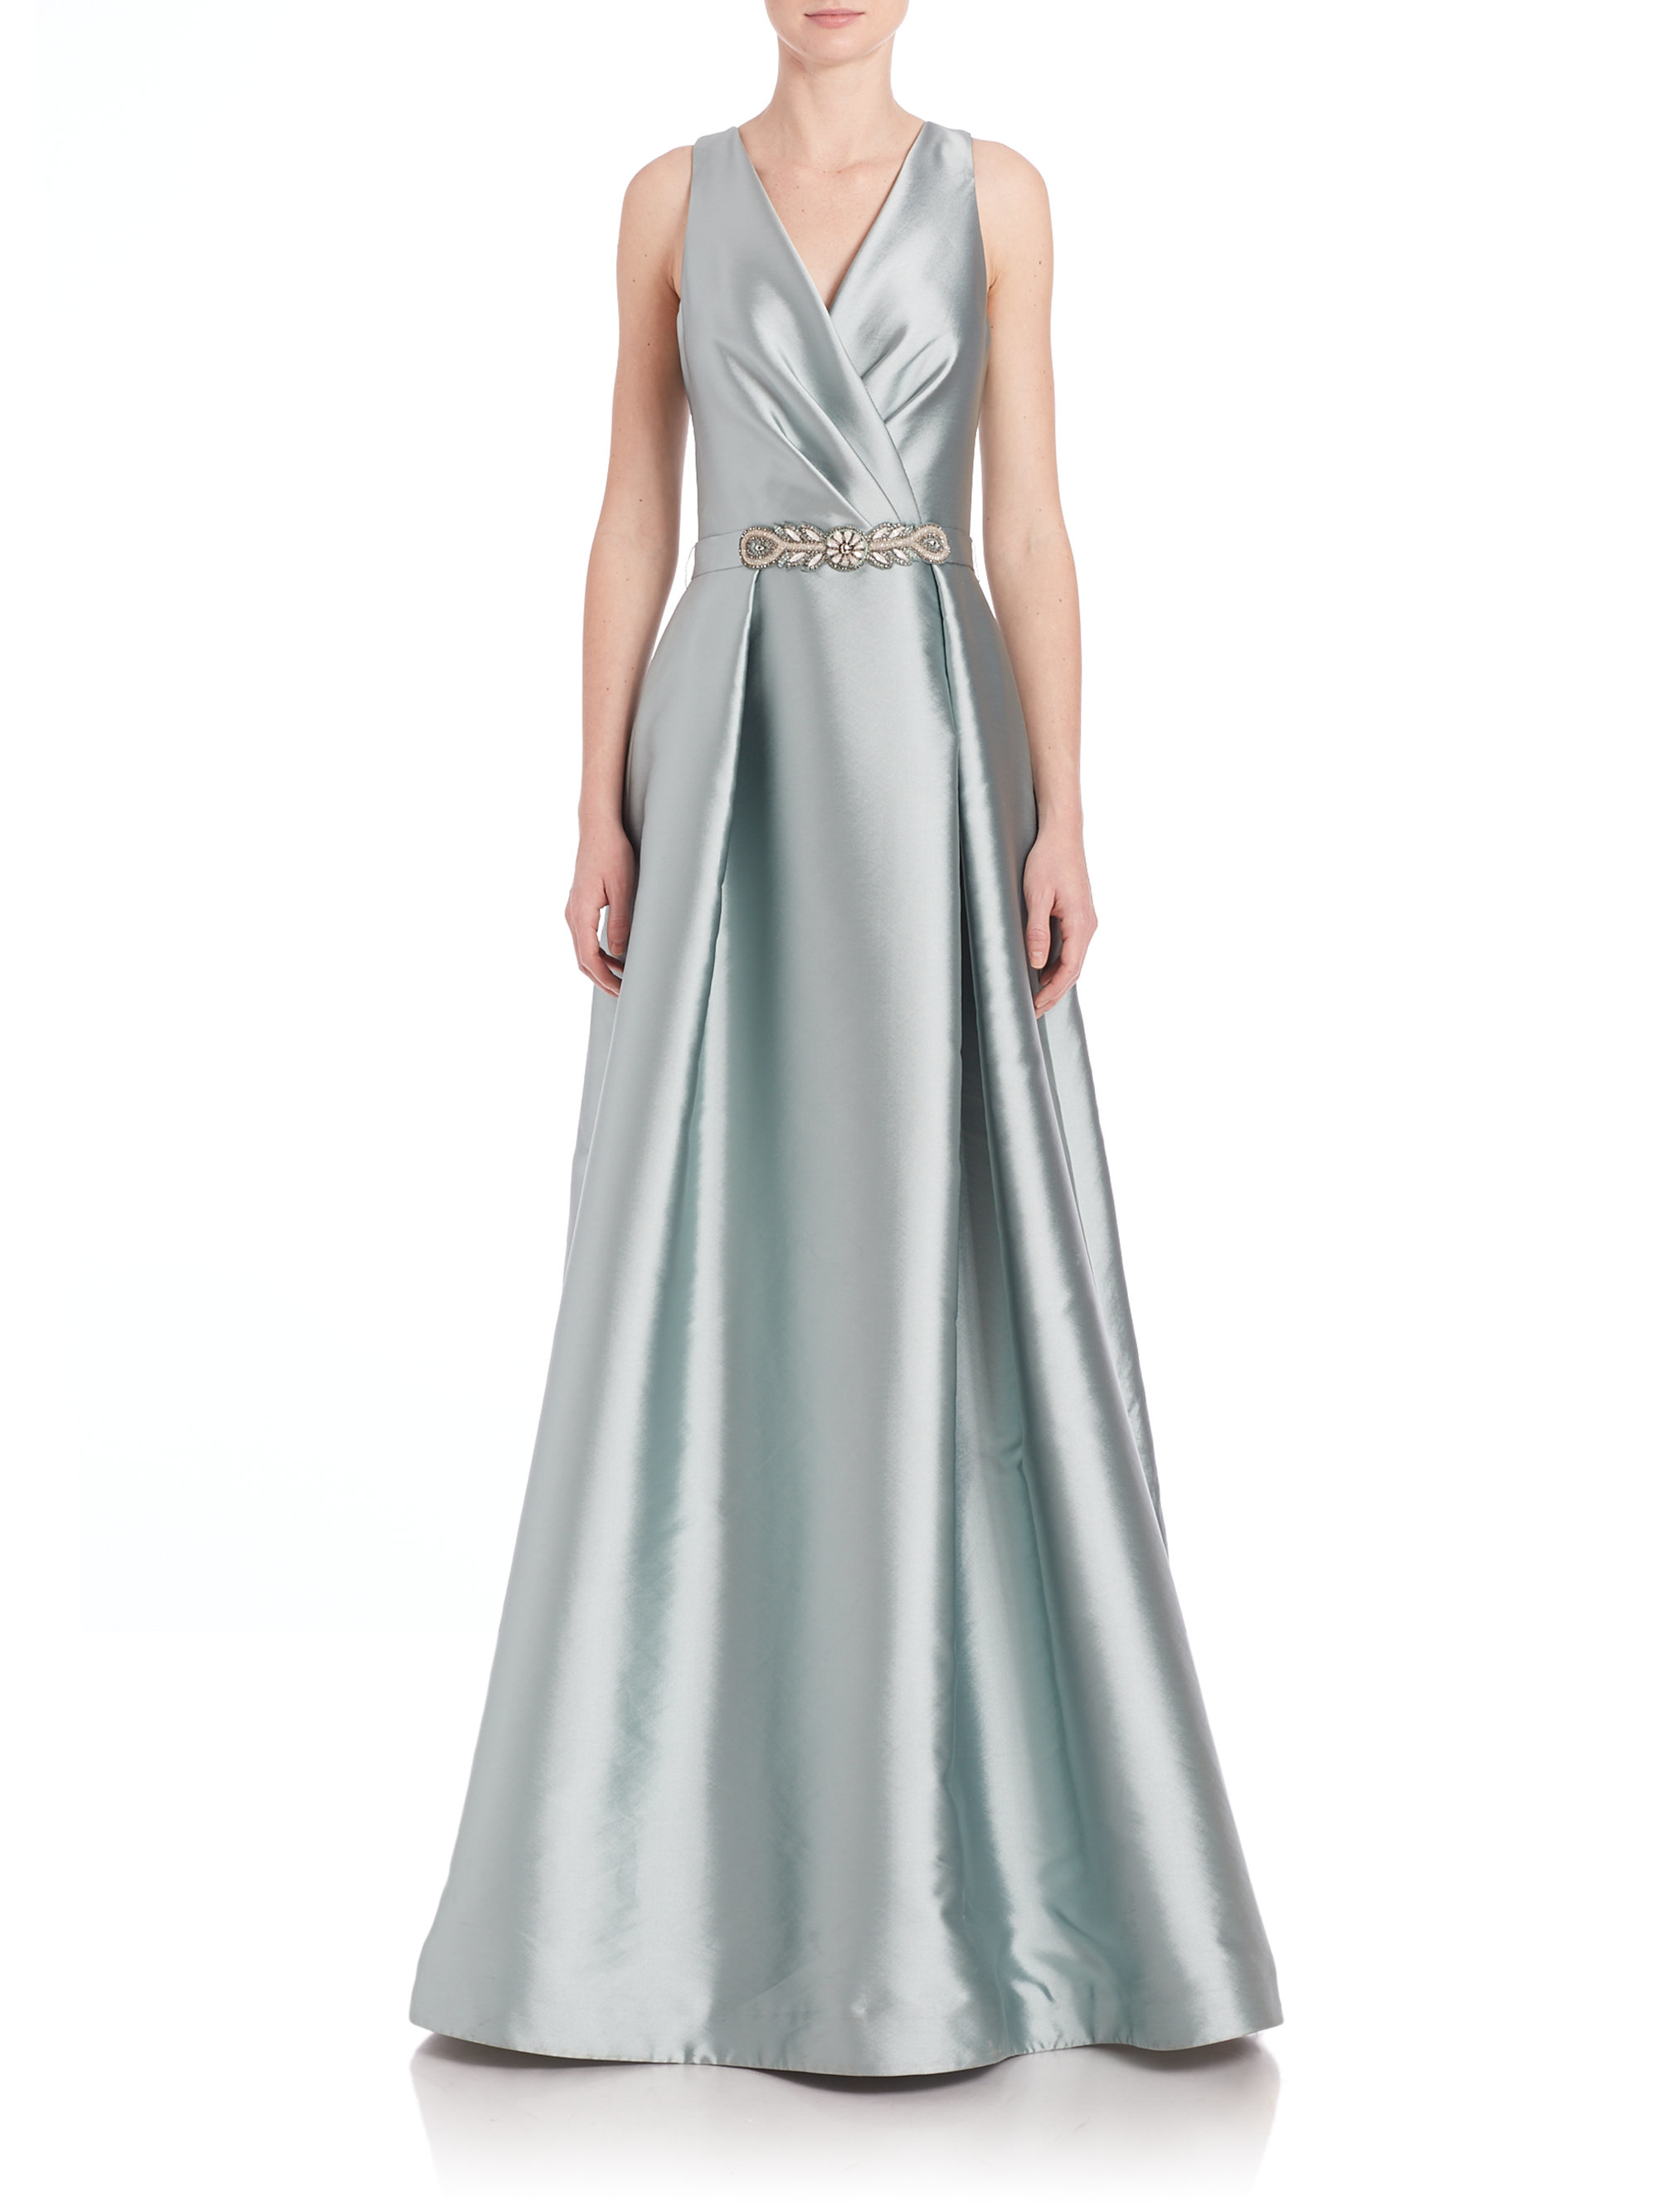 Lyst - Teri Jon Beaded Waist V-neck Gown in Gray